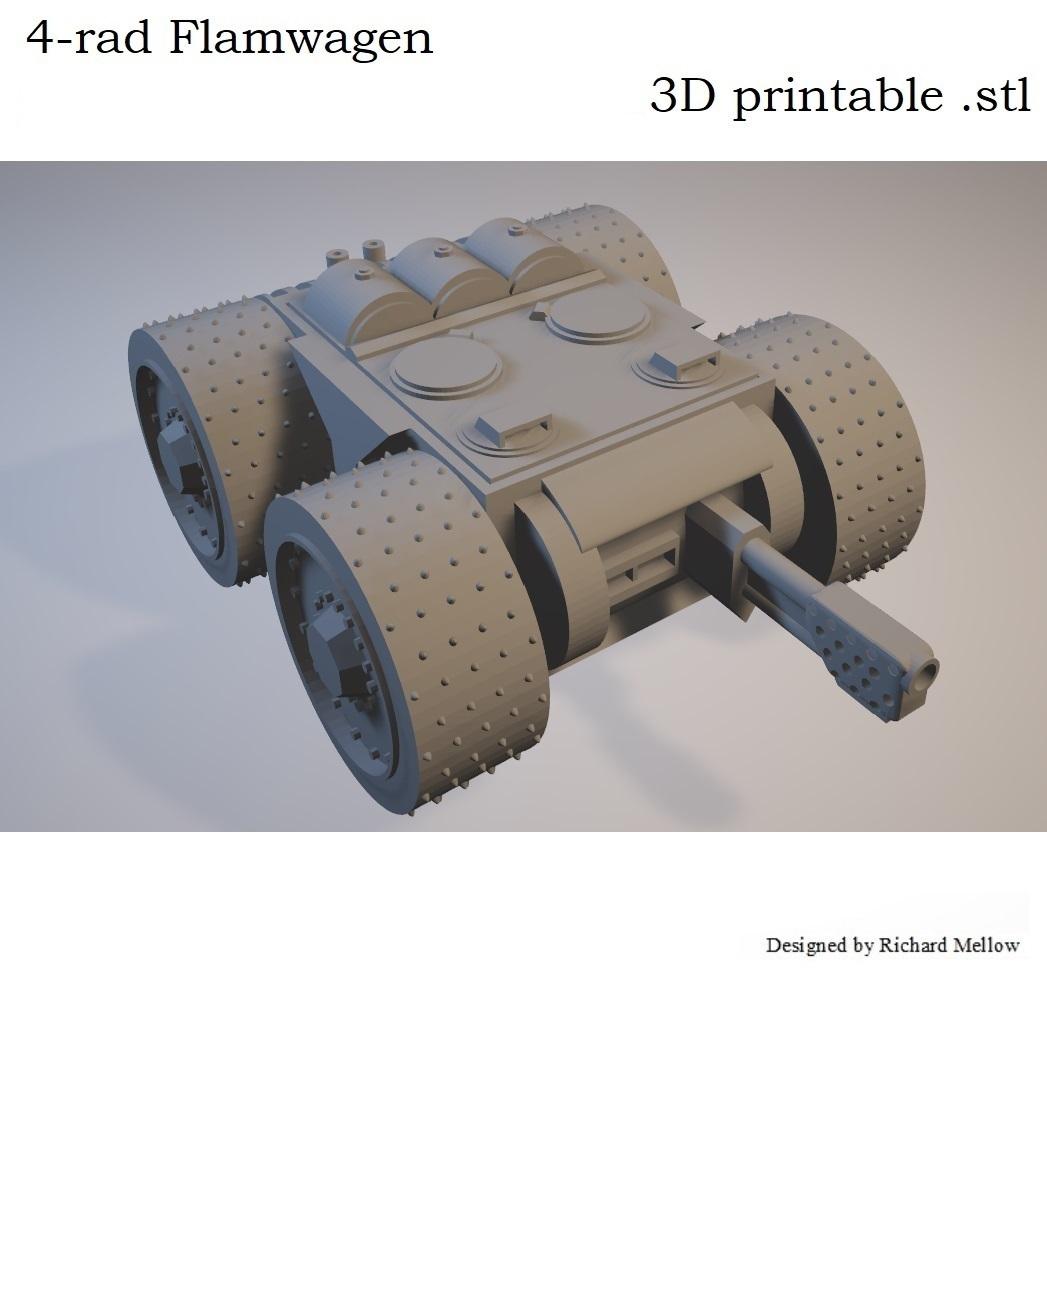 Title.jpg Télécharger fichier STL gratuit Vehcile de jeu de science-fiction Flamwagen à 4 rayons • Objet imprimable en 3D, redstarkits